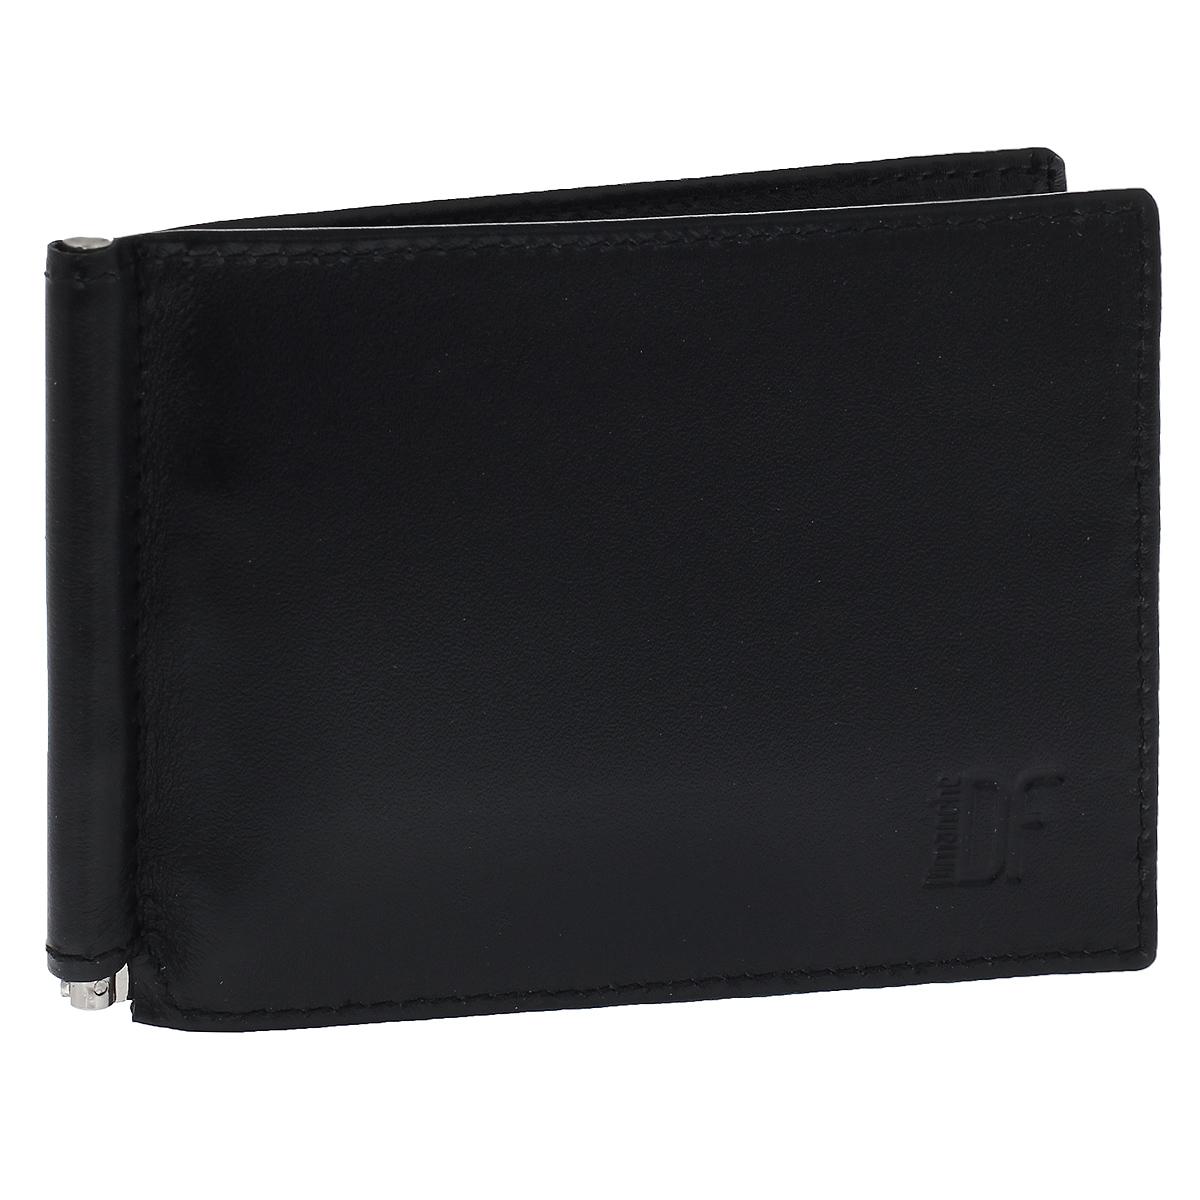 купить Зажим для денег Dimanche Bond, цвет: черный. 969/1 недорого